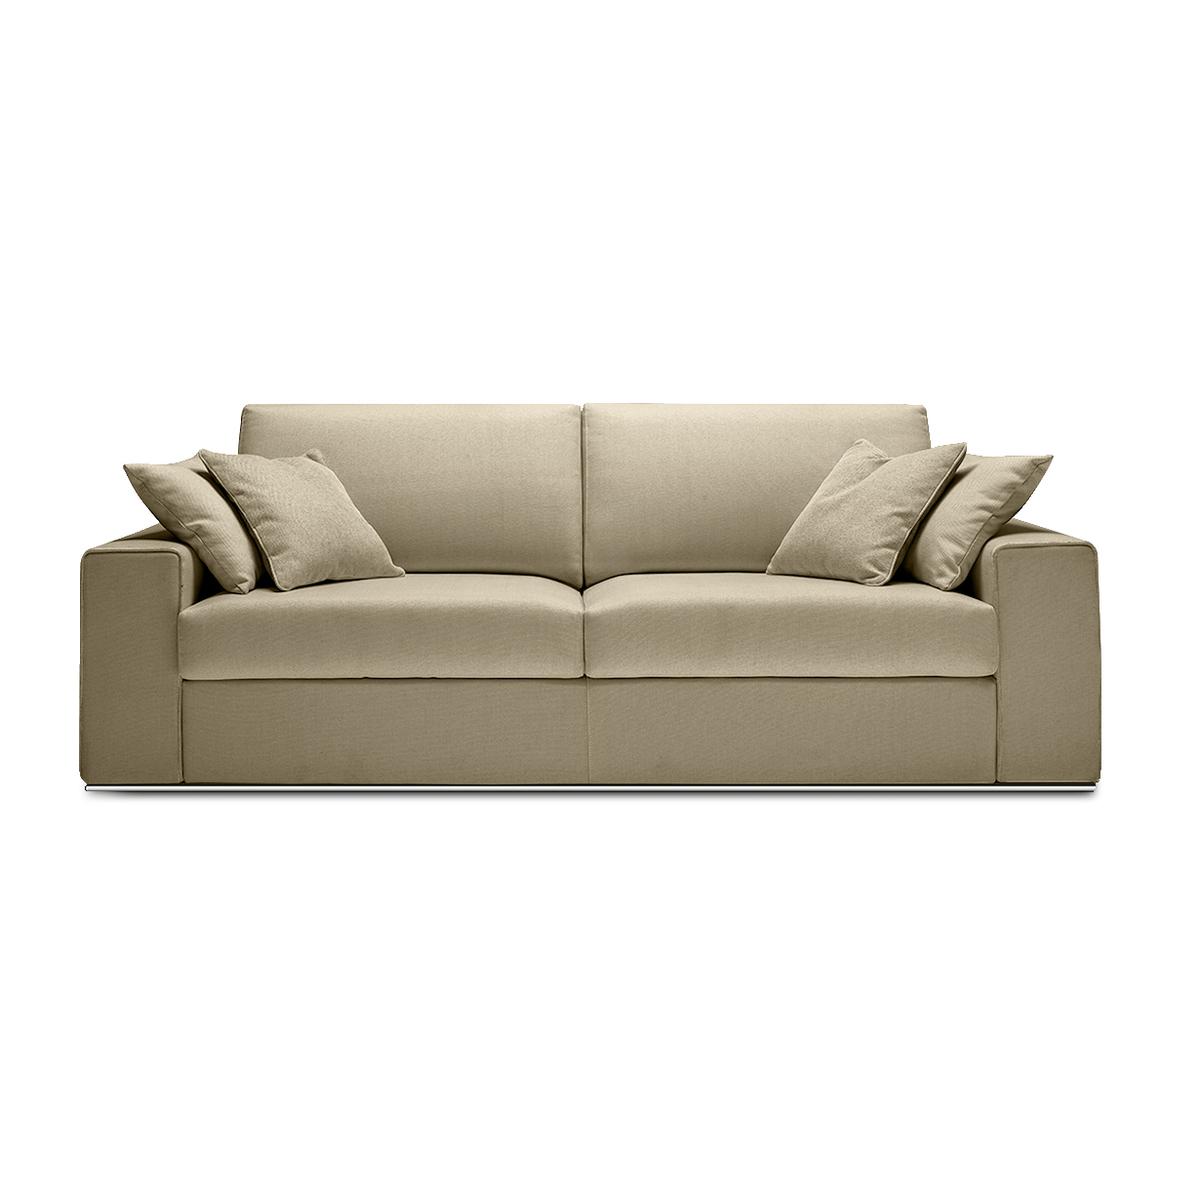 Acquista la nostra selezione di divani a due posti | LOVEThESIGN